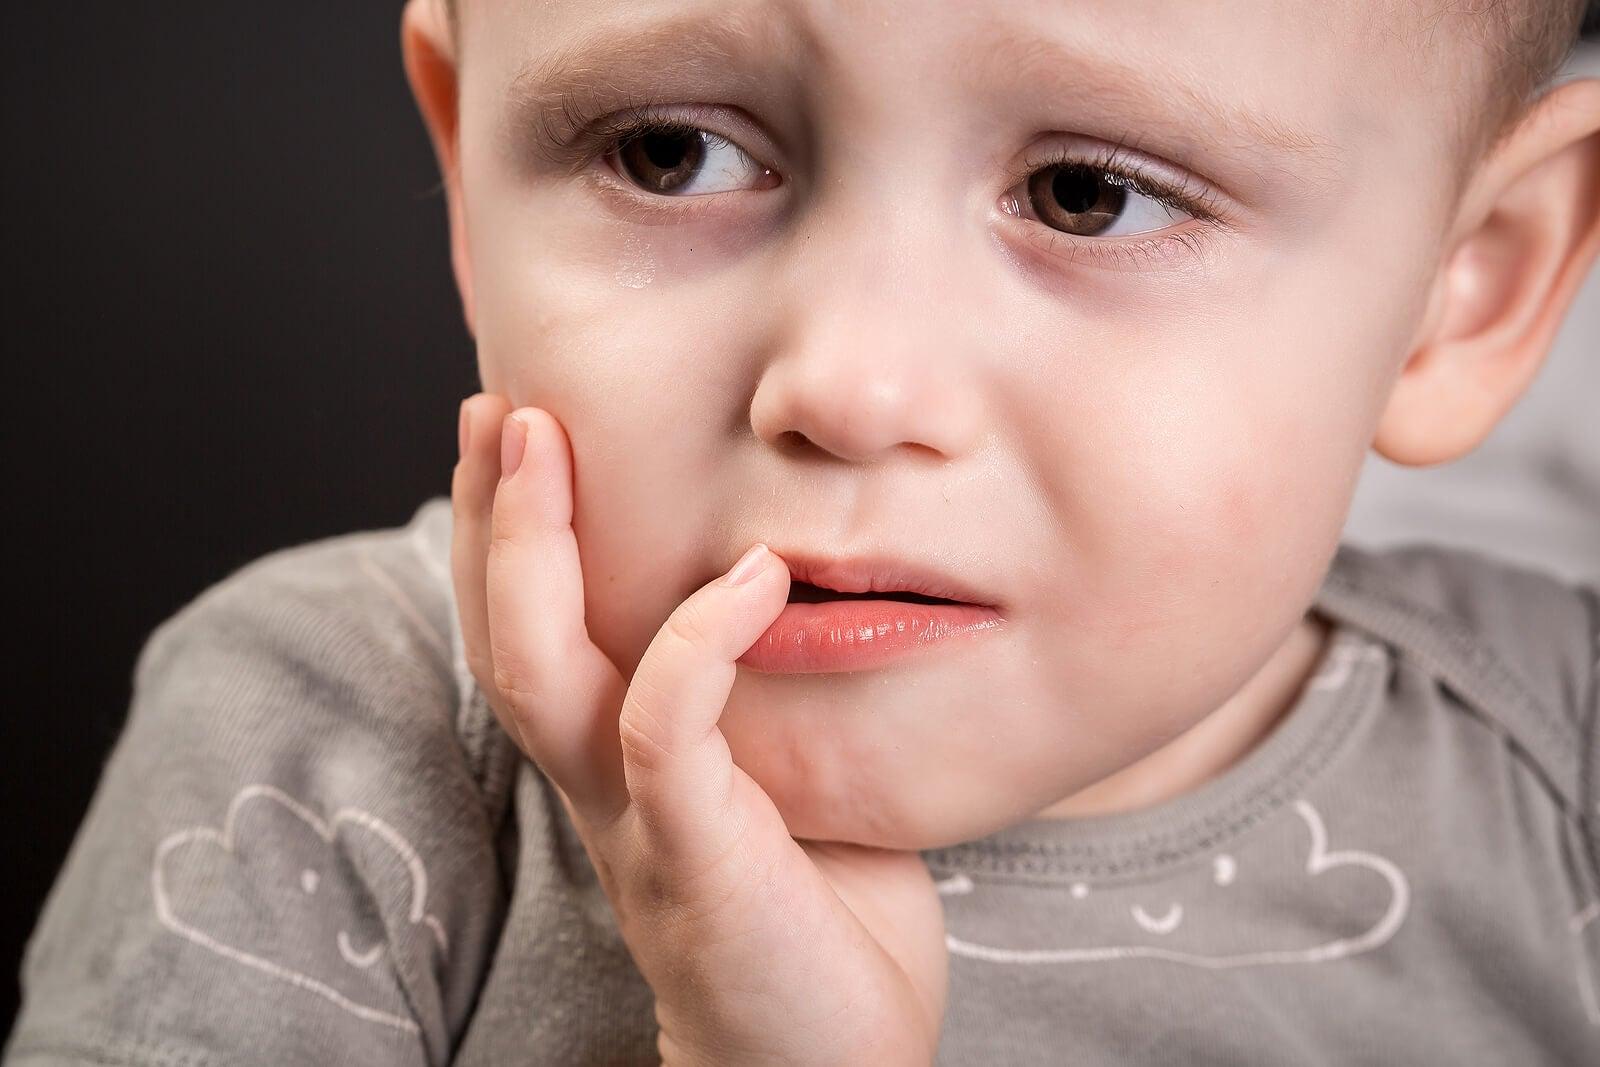 Niño con dolor en la boca y un diente negro.